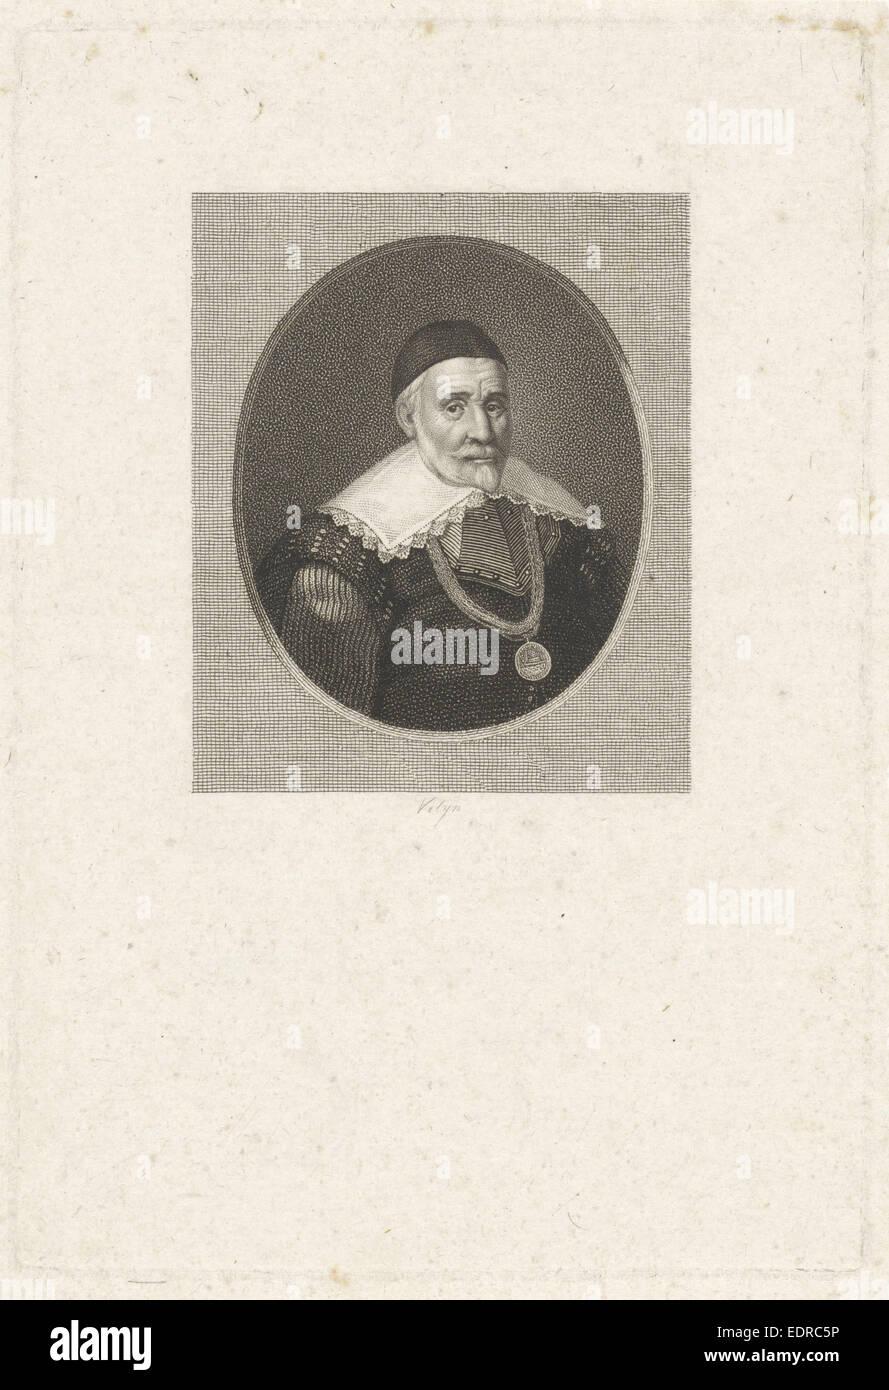 Portrait of Adriaen Joosten van Bergen, Philippus Velijn, 1797 - 1836 - Stock Image